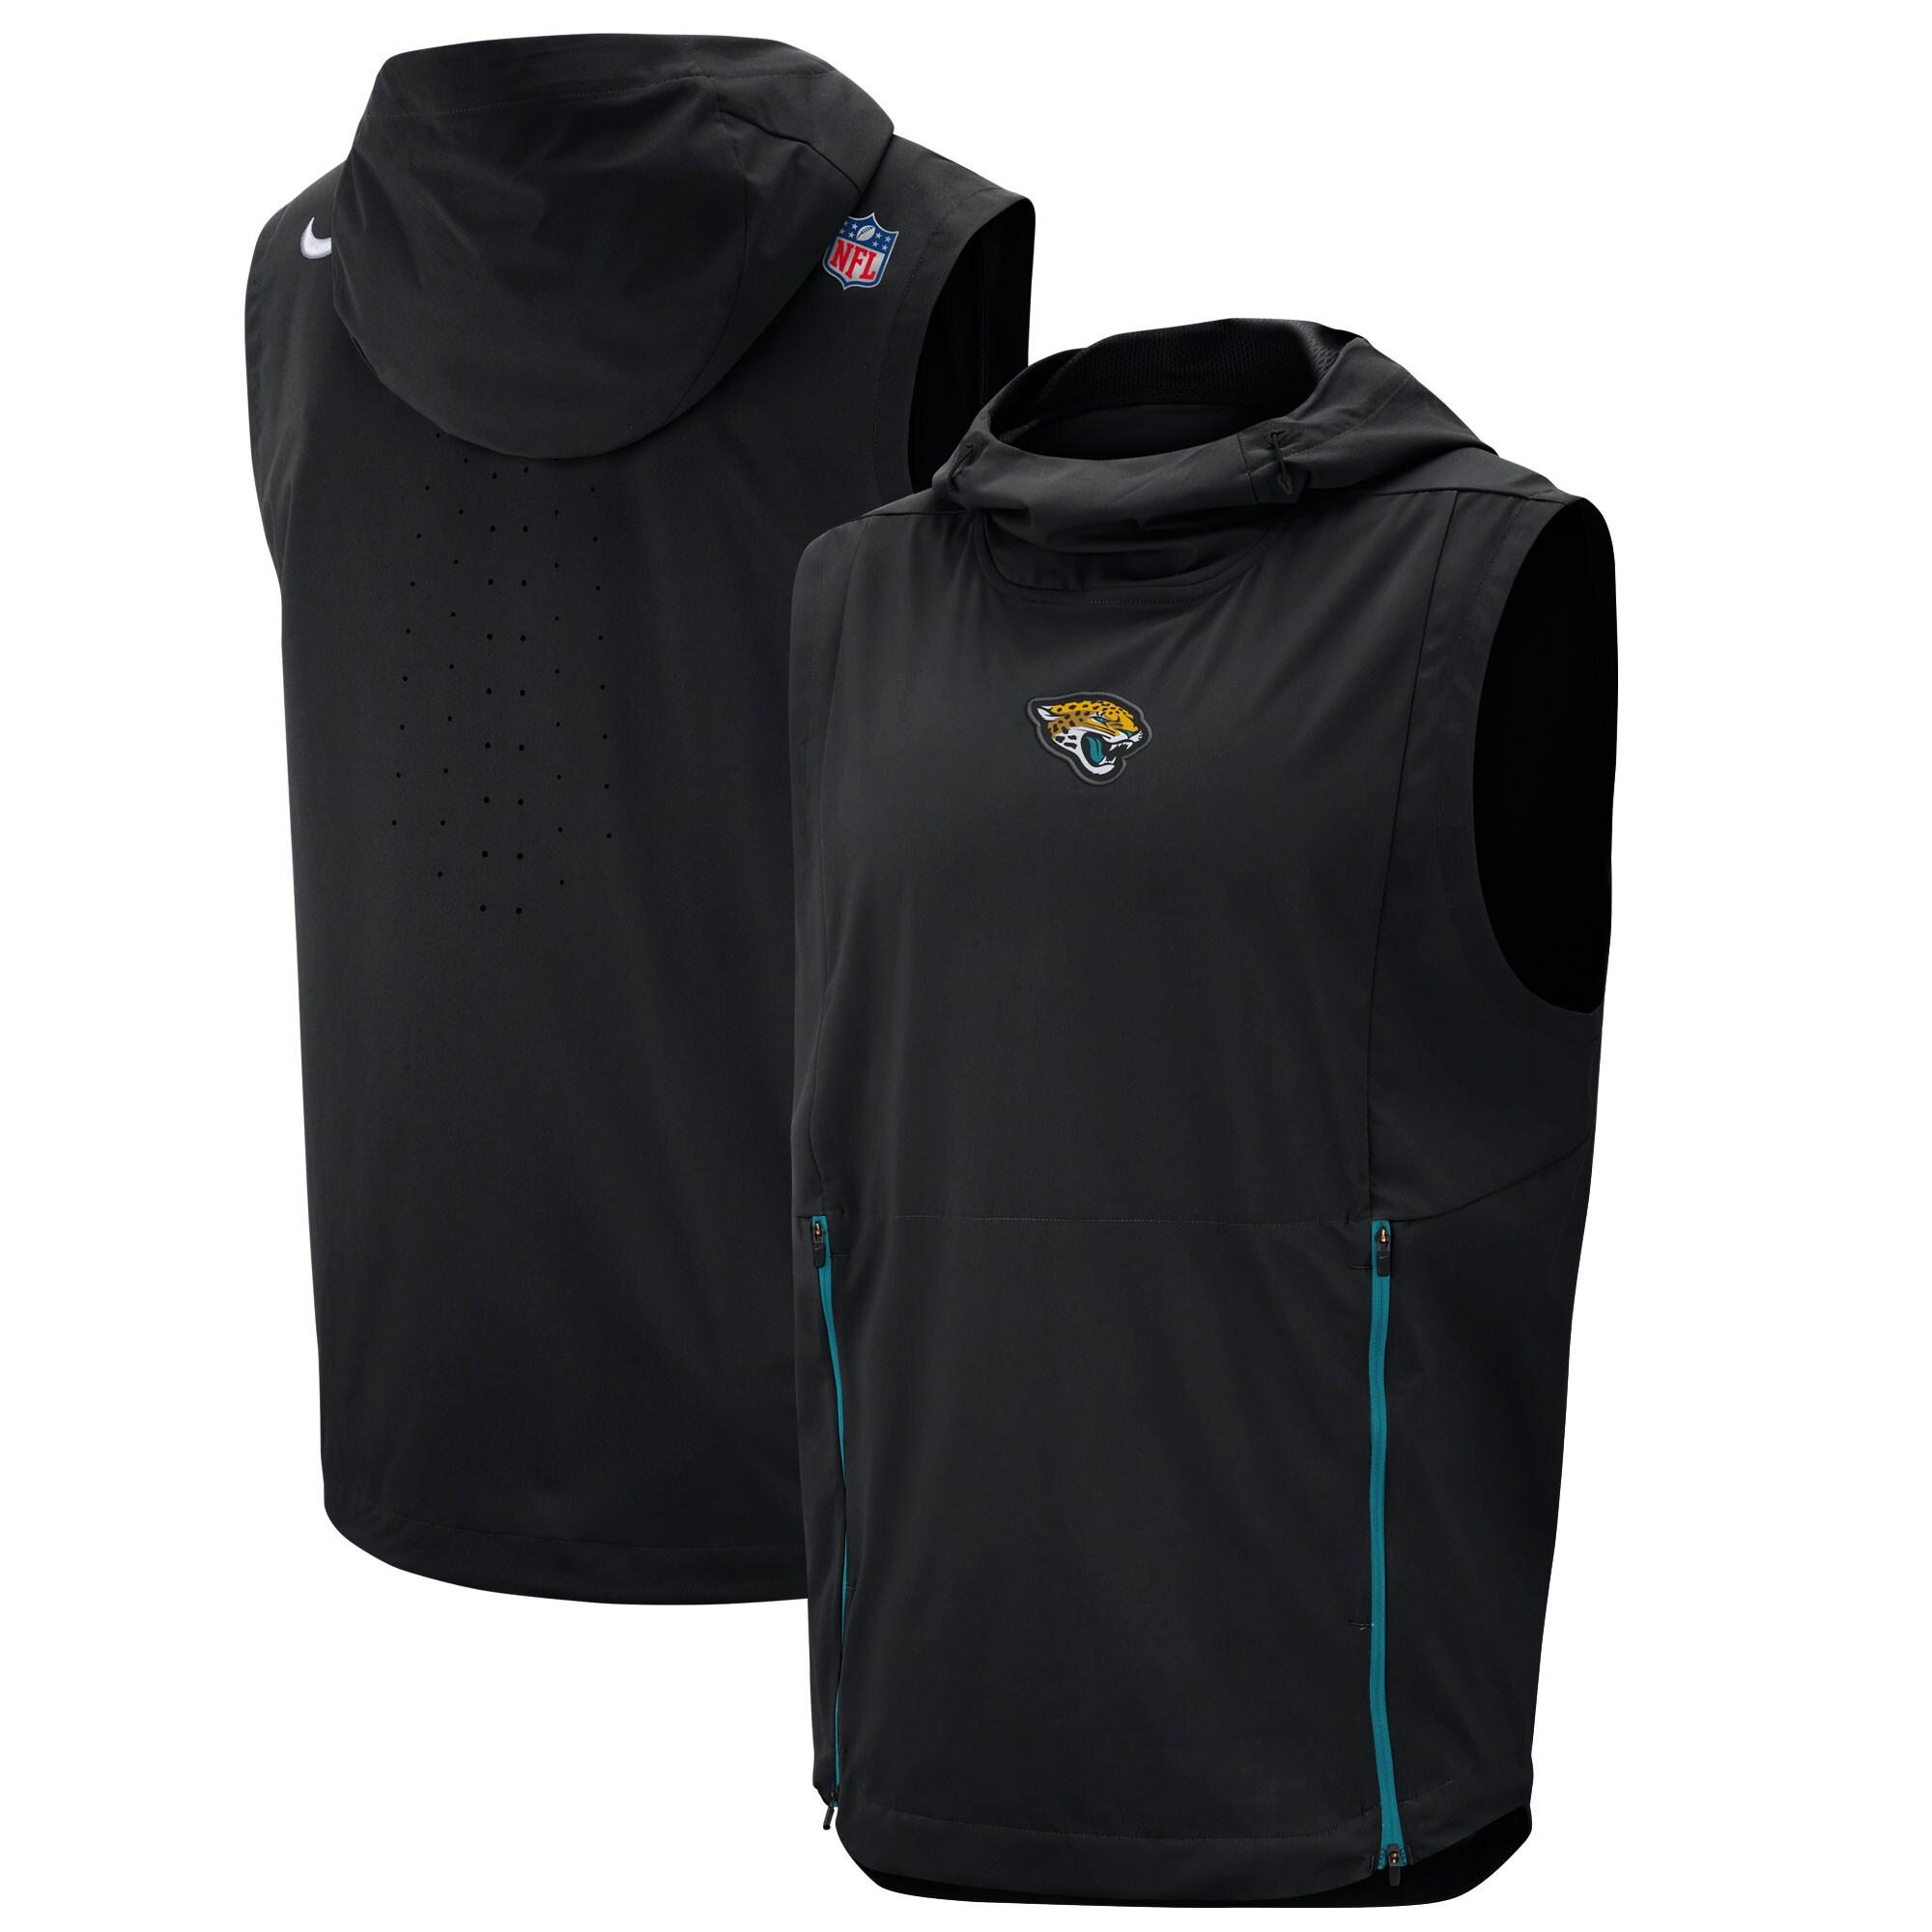 Jacksonville Jaguars Nike Sideline Fly Rush Performance Pullover Hooded Vest - Black